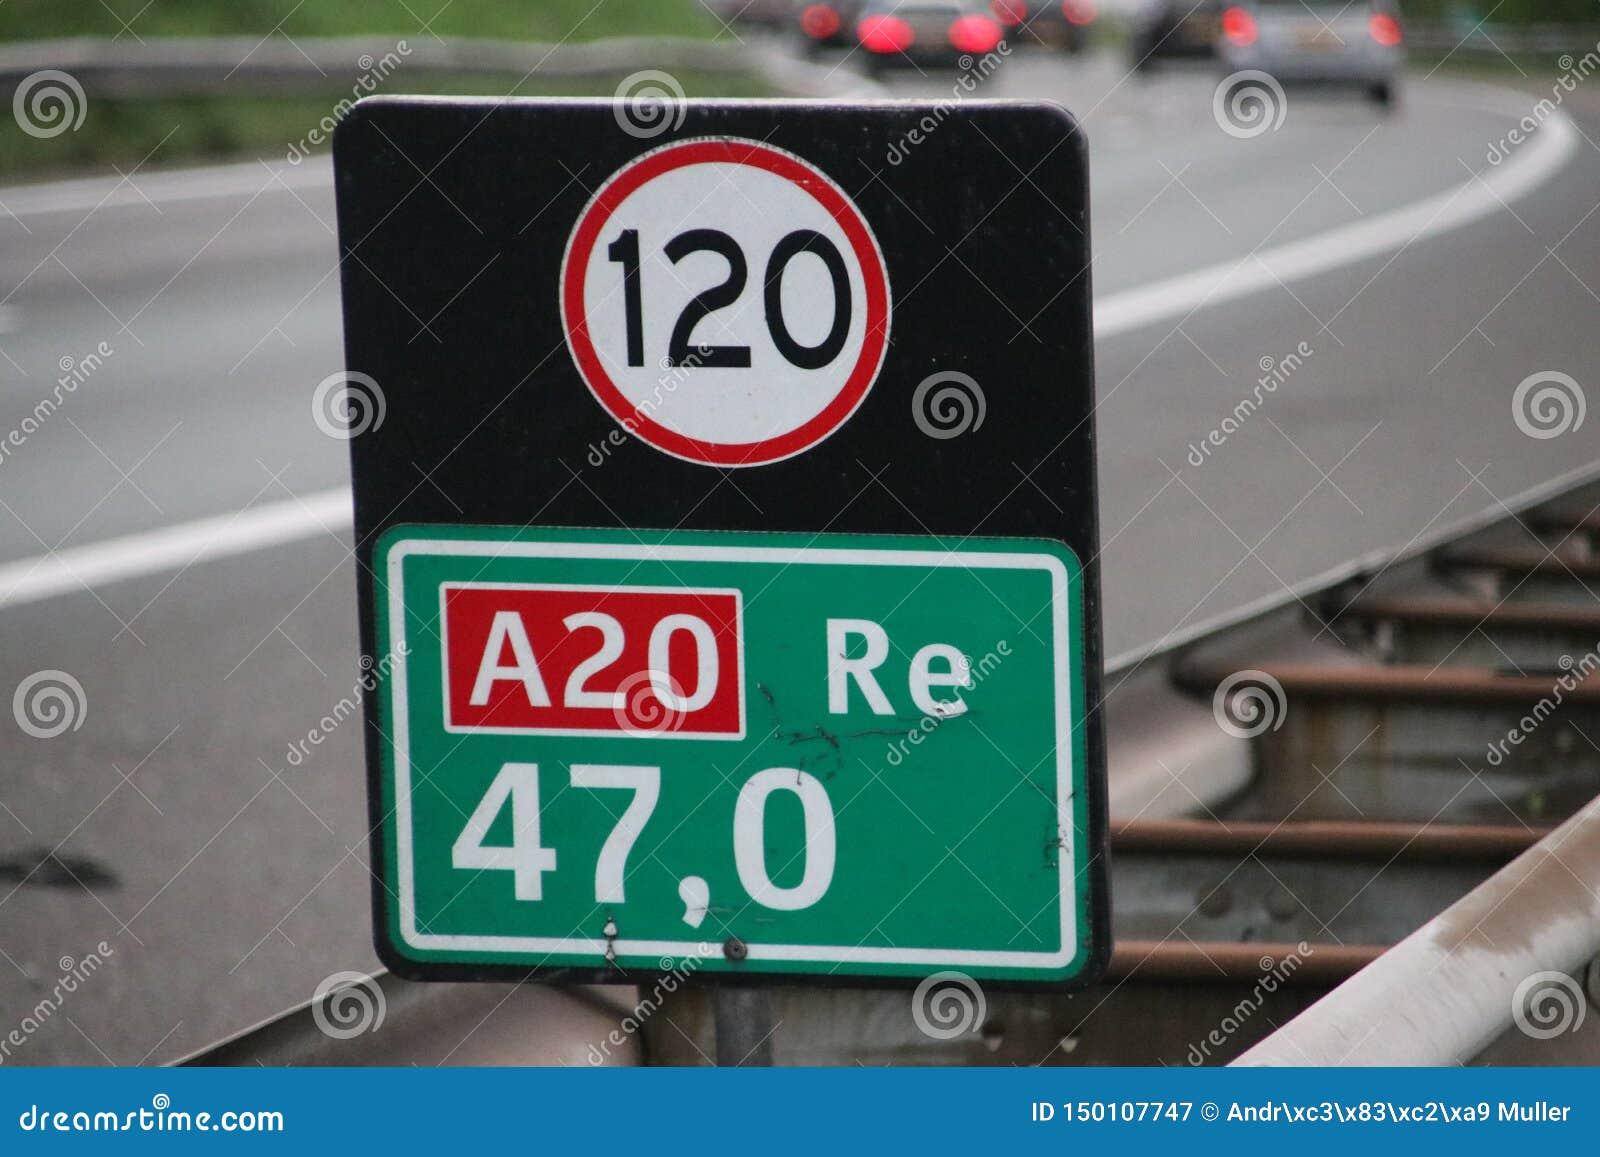 Afstandsteken bij Gouda van de autosnelwega20 rubriek met aandachtsteken voor snelheid in kilometers